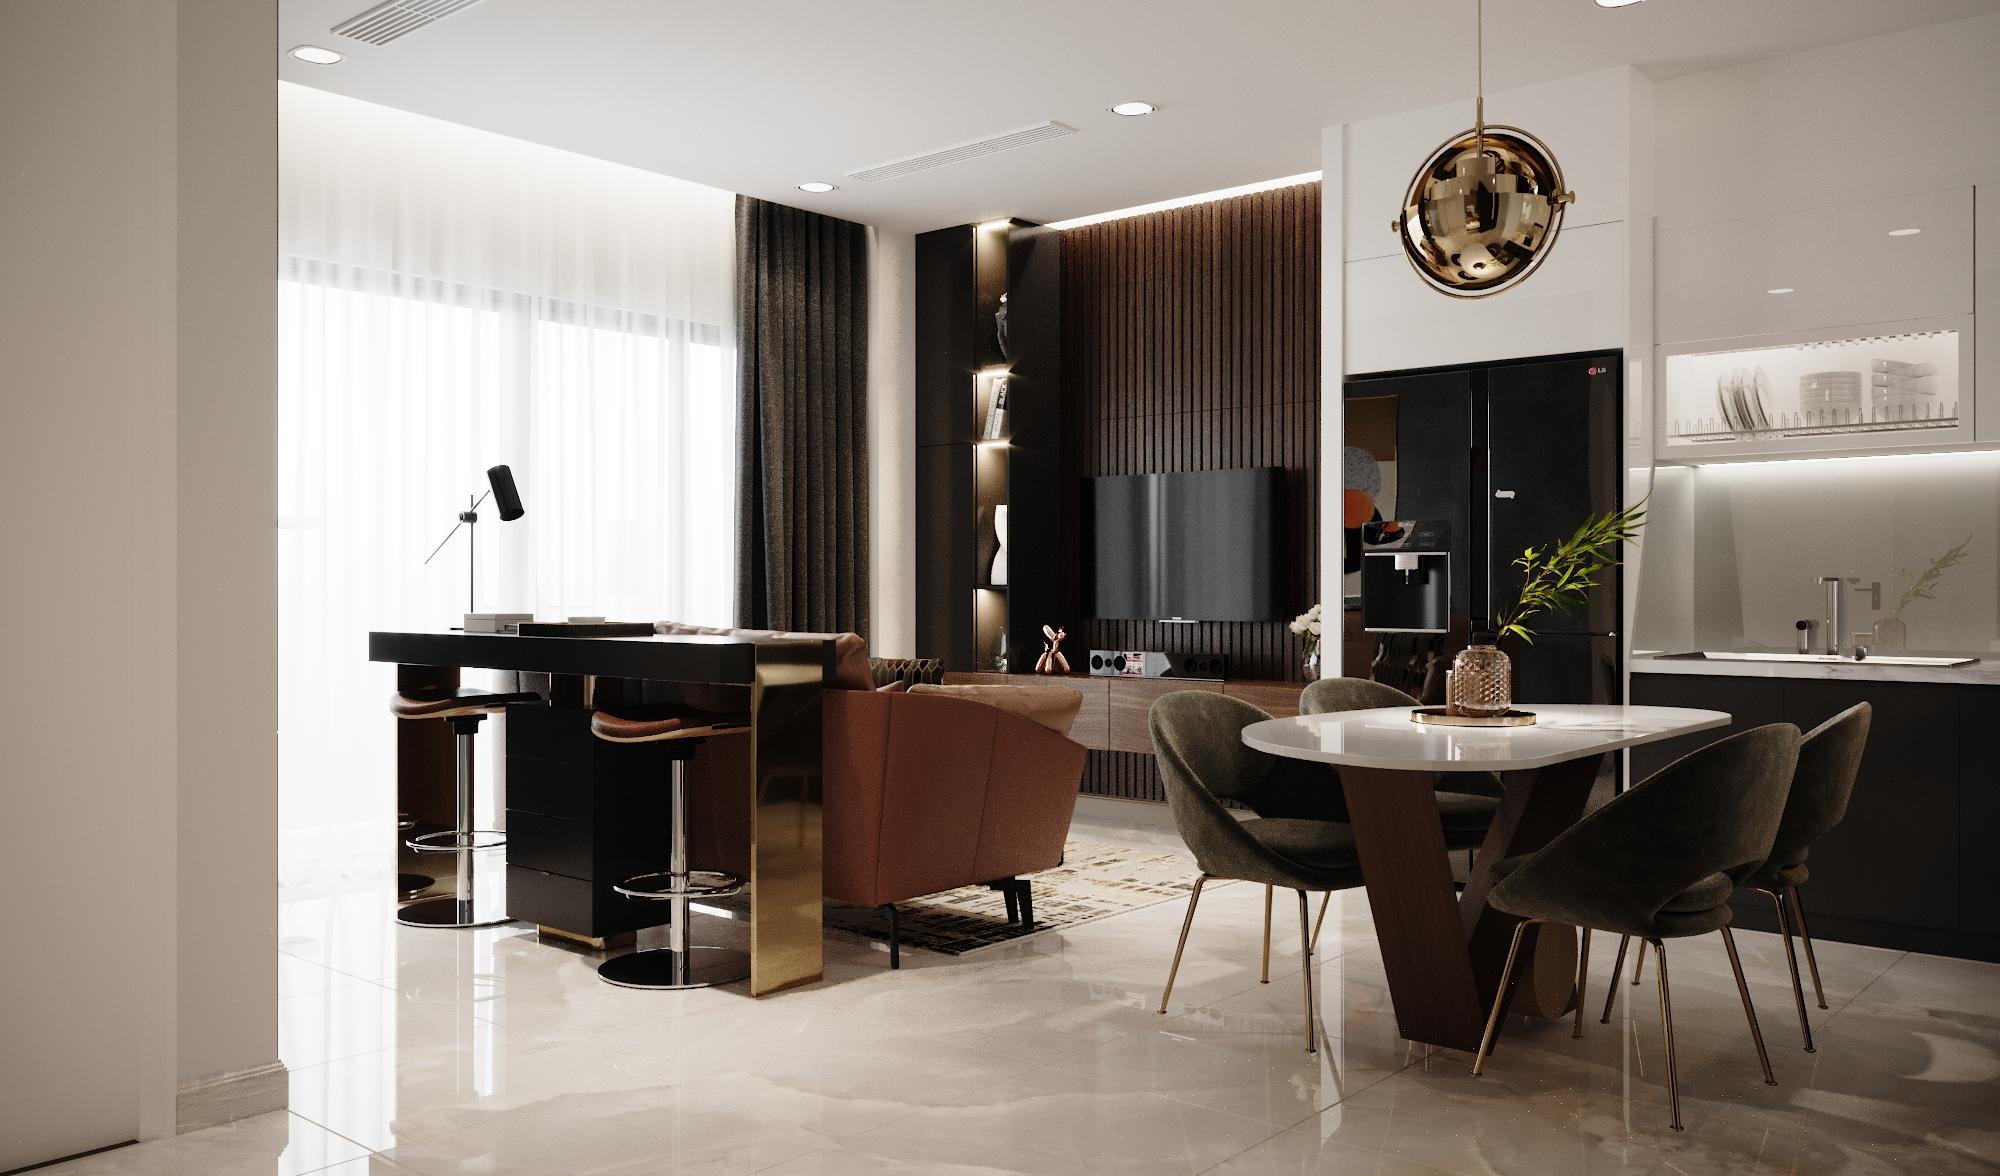 Thiết kế nội thất Chung Cư tại Hồ Chí Minh Vinhomes Bason 1575023164 2